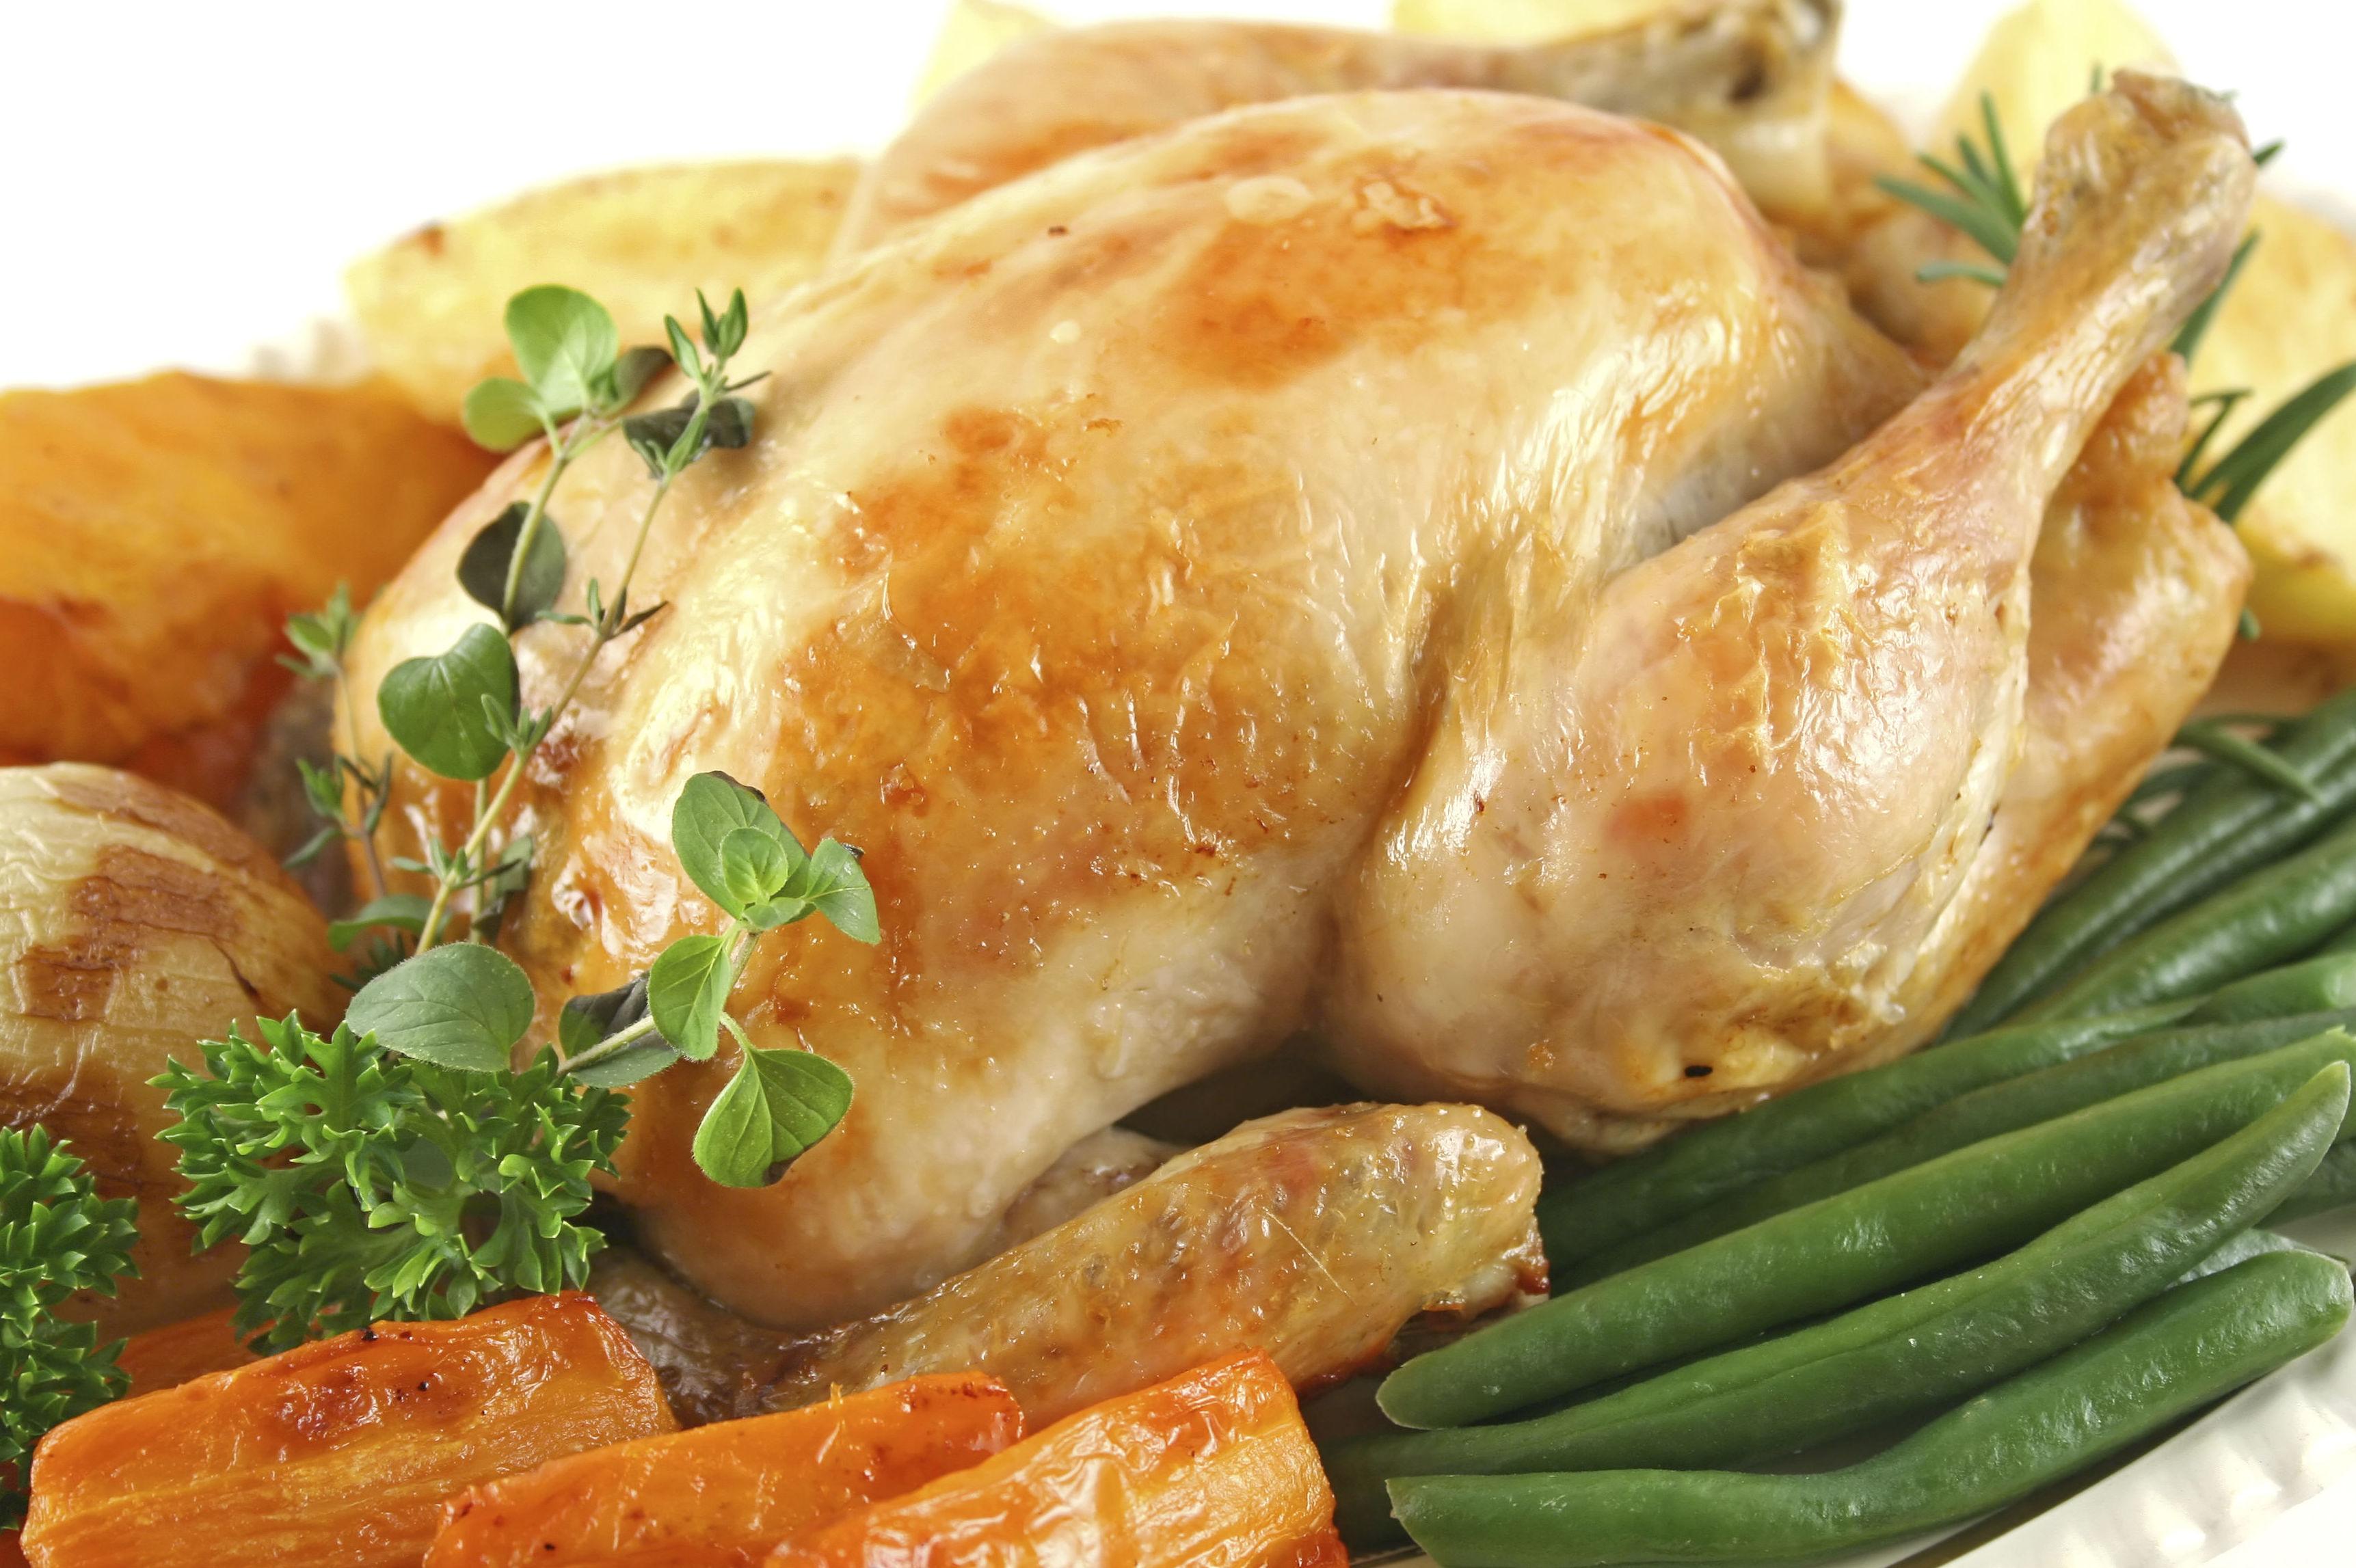 Pollos asados para llevar en Santiago de Compostela